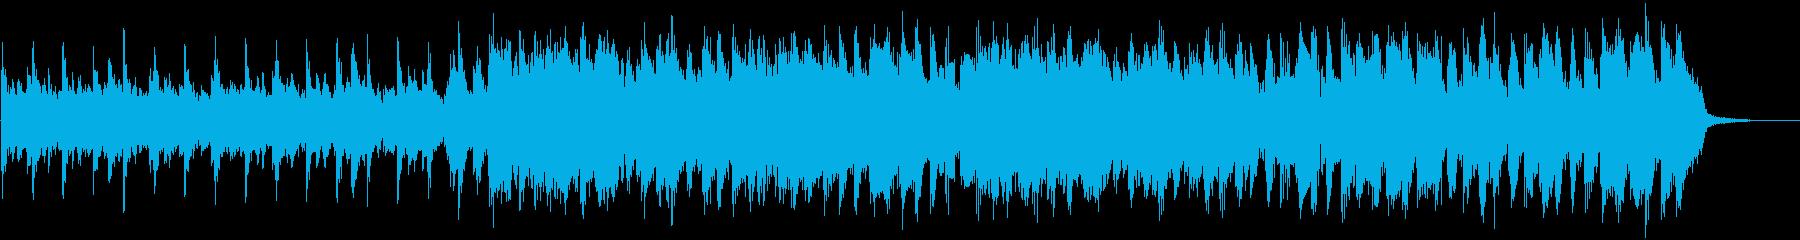 【30秒】カントリー&ウェスタンの楽曲の再生済みの波形